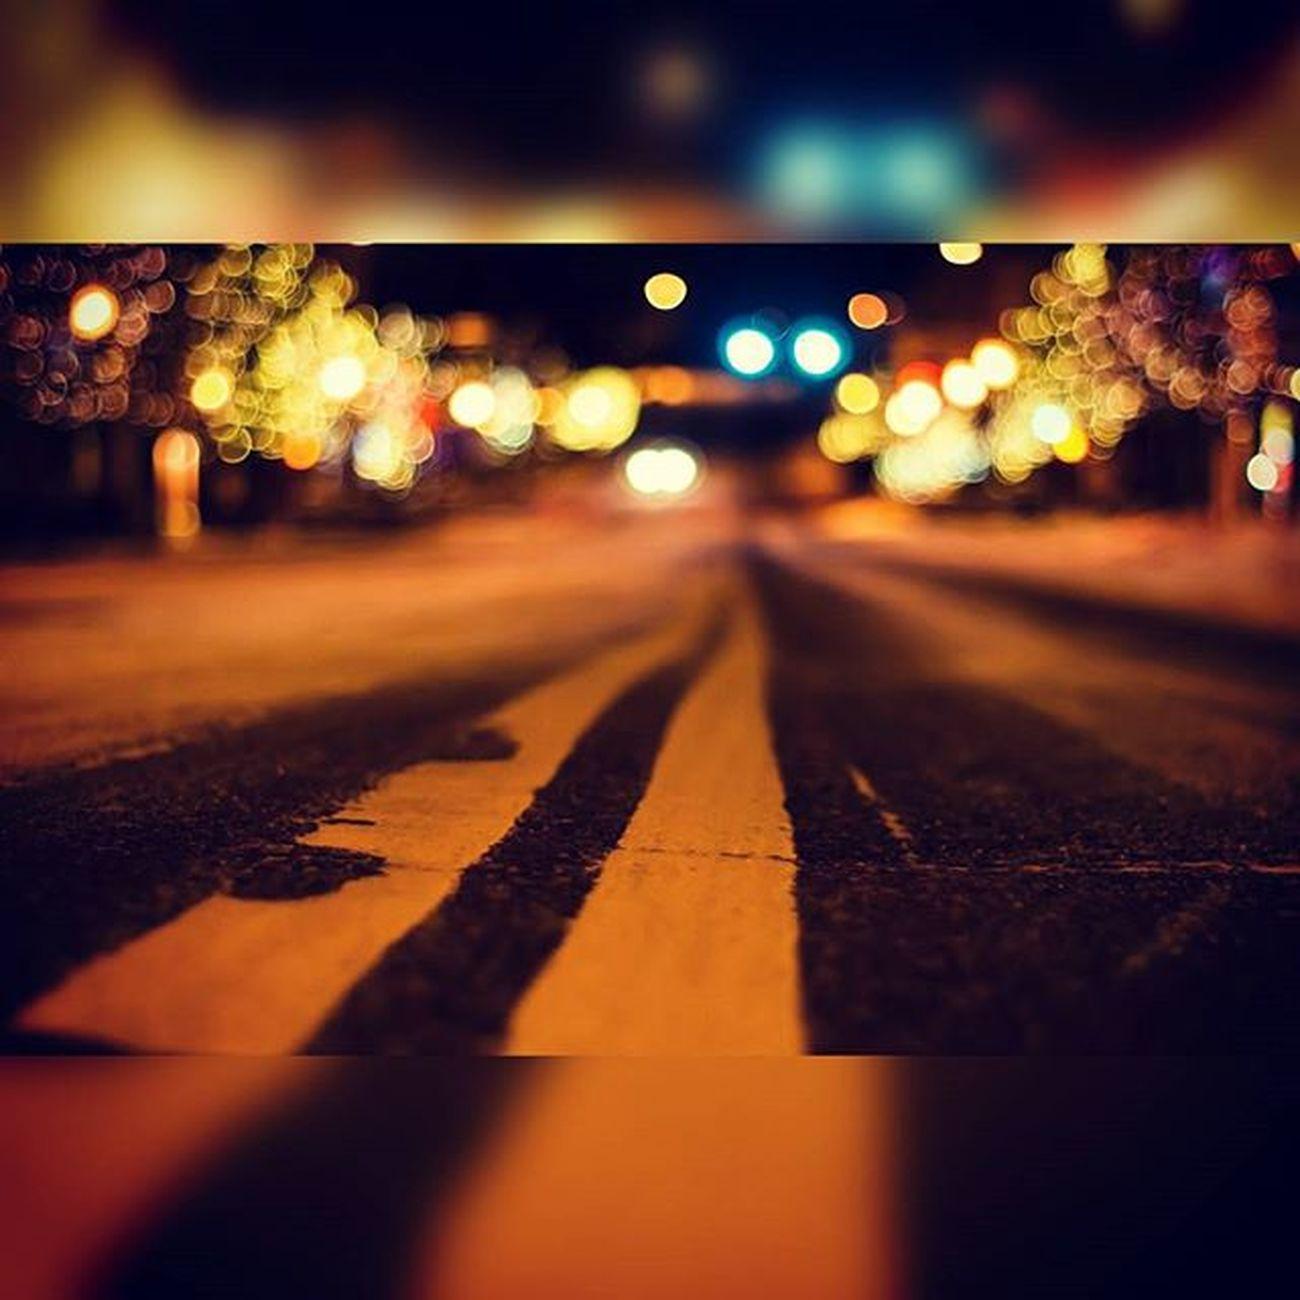 Zebra Streifen Zebrastreifen Verschwommen lights punkte colonge köln k ö l n 50667 5 0 6 6 7 Ist in Köln